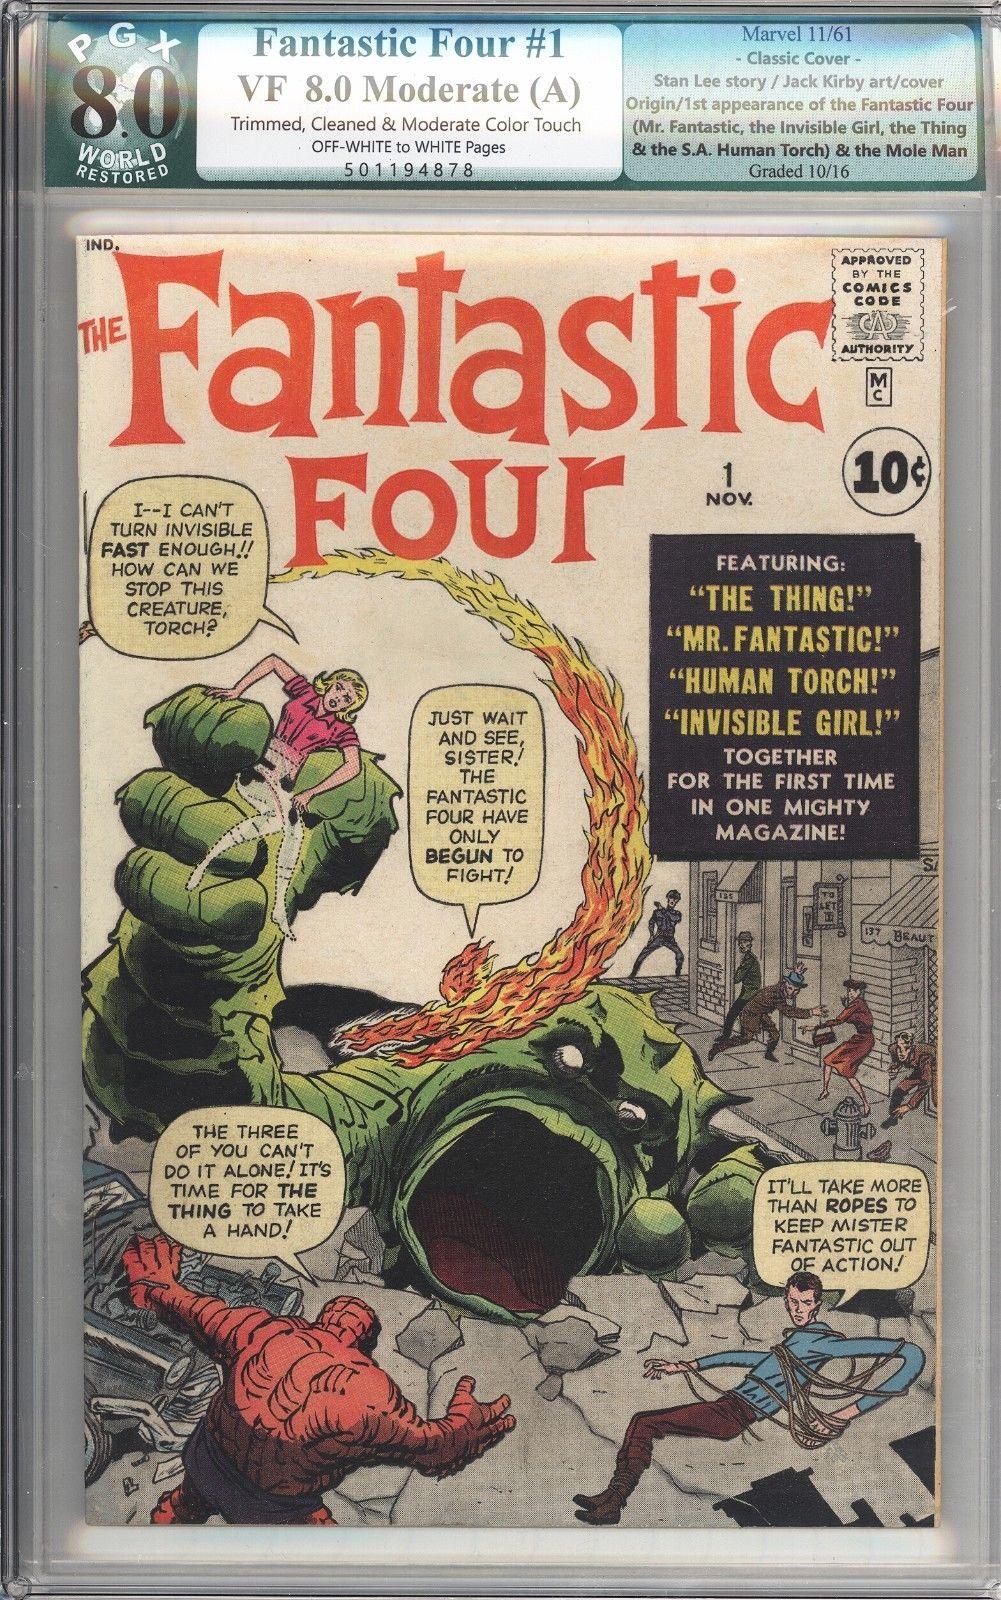 Fantastic Four #1 Vol 1 PGX 8.0 Very High Grade 1st App of Fantastic Four 1961